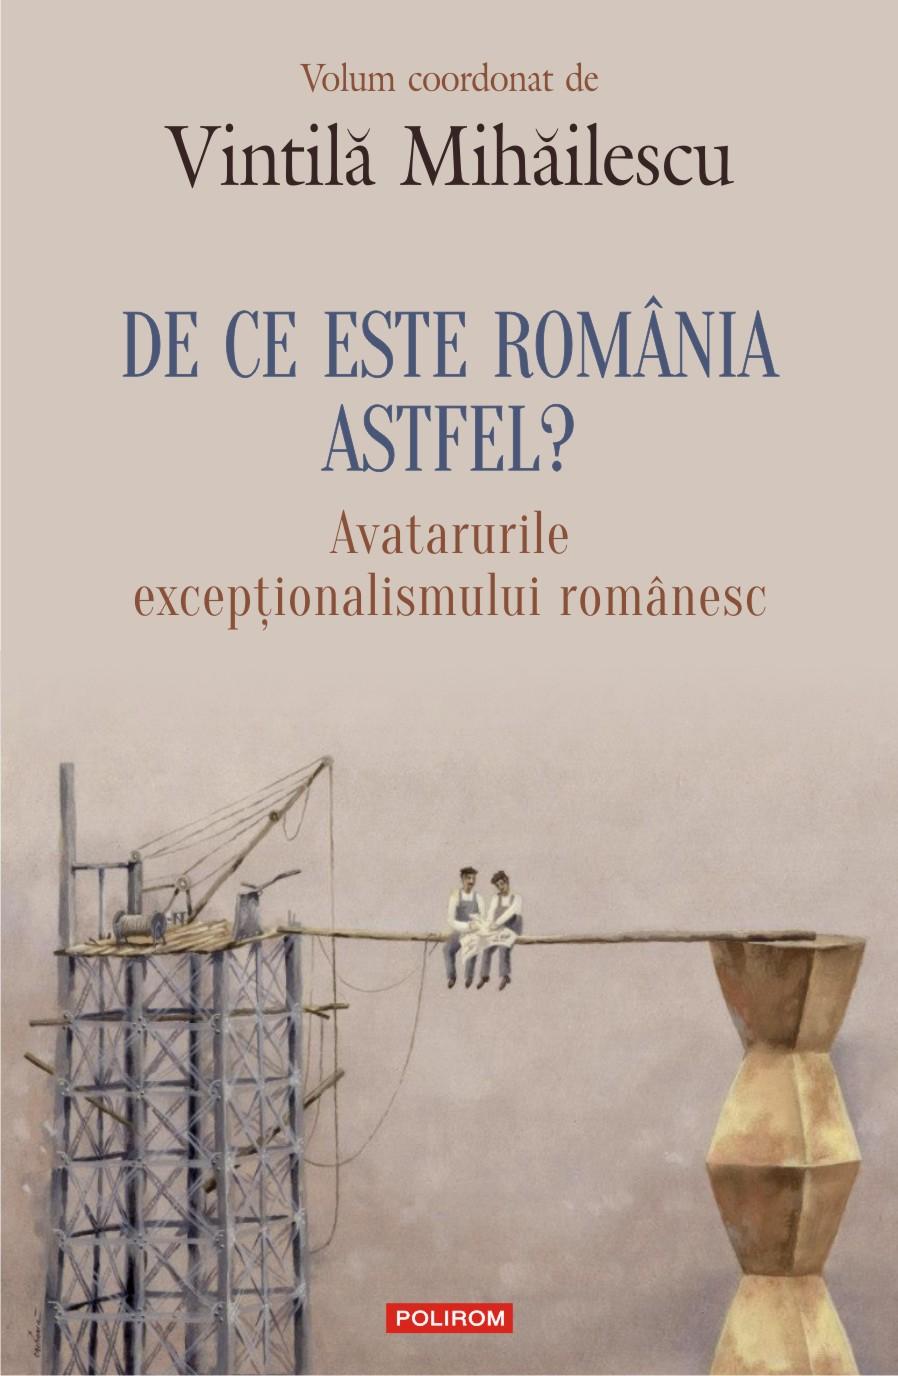 De ce este Romania astfel? / Avatarurile exceptionalismului romanesc